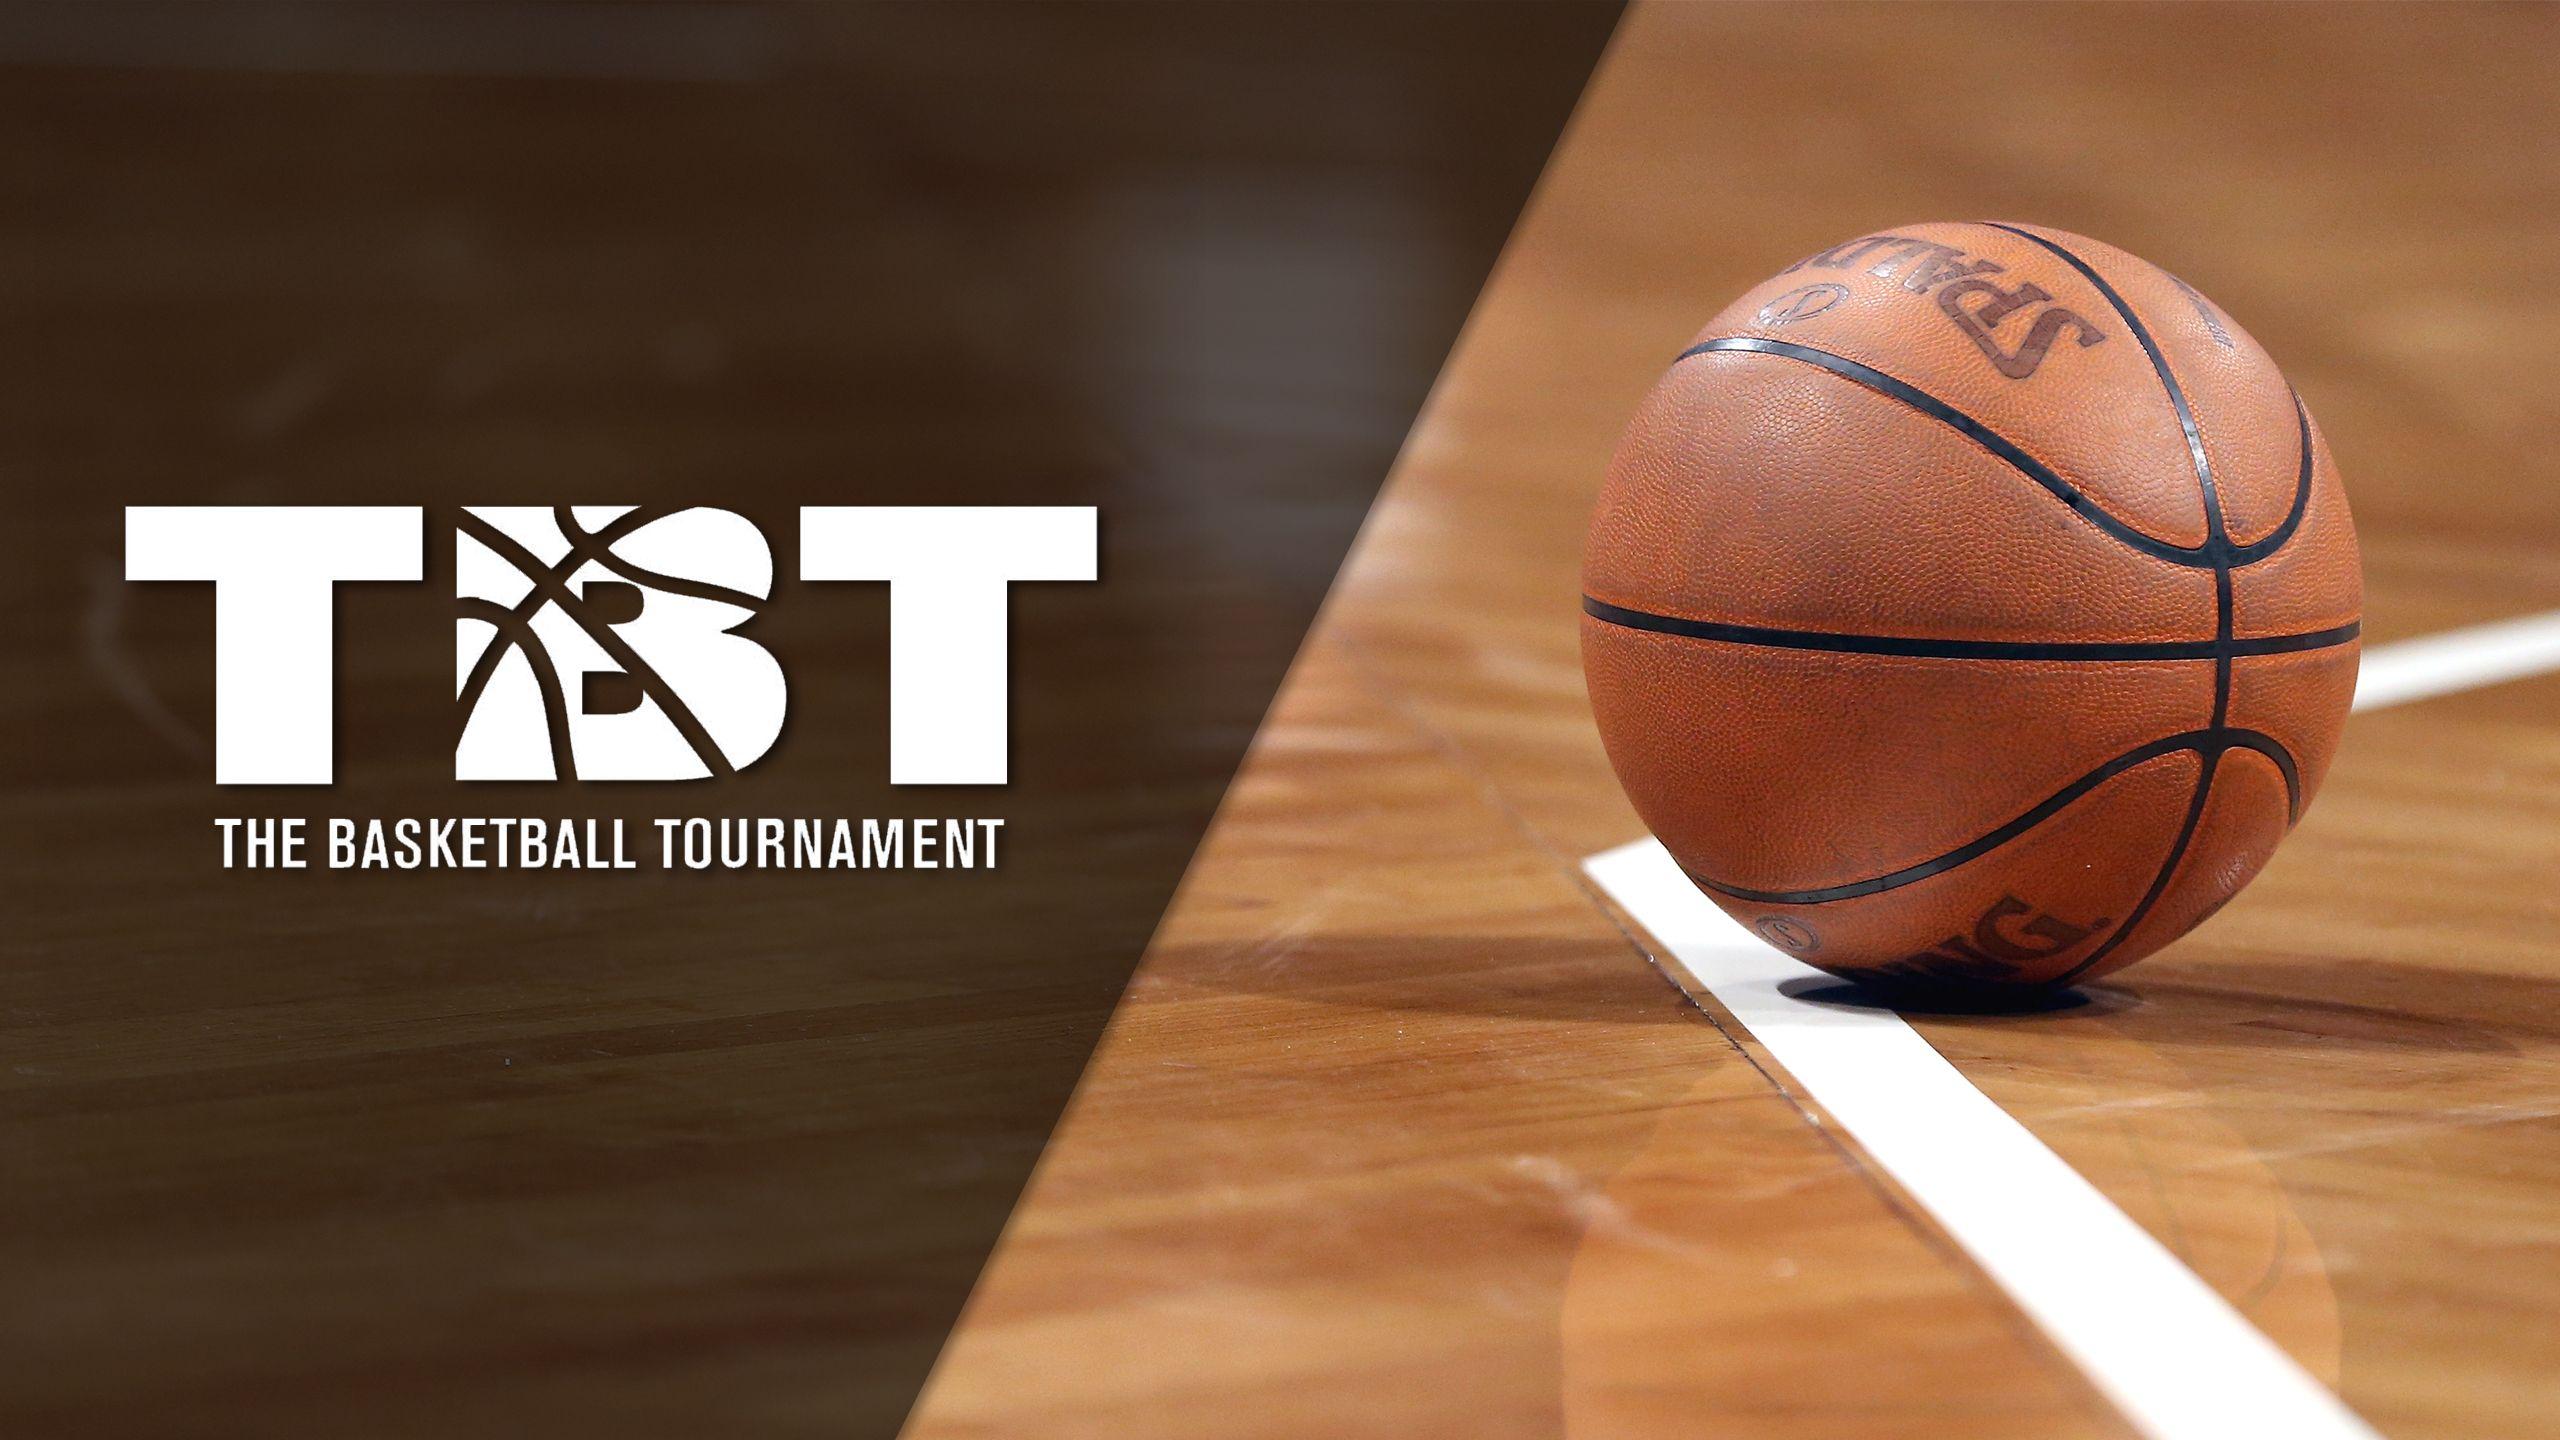 Team Utah (Utah Alumni) vs. Few Good Men (Gonzaga Alumni) (TBT)